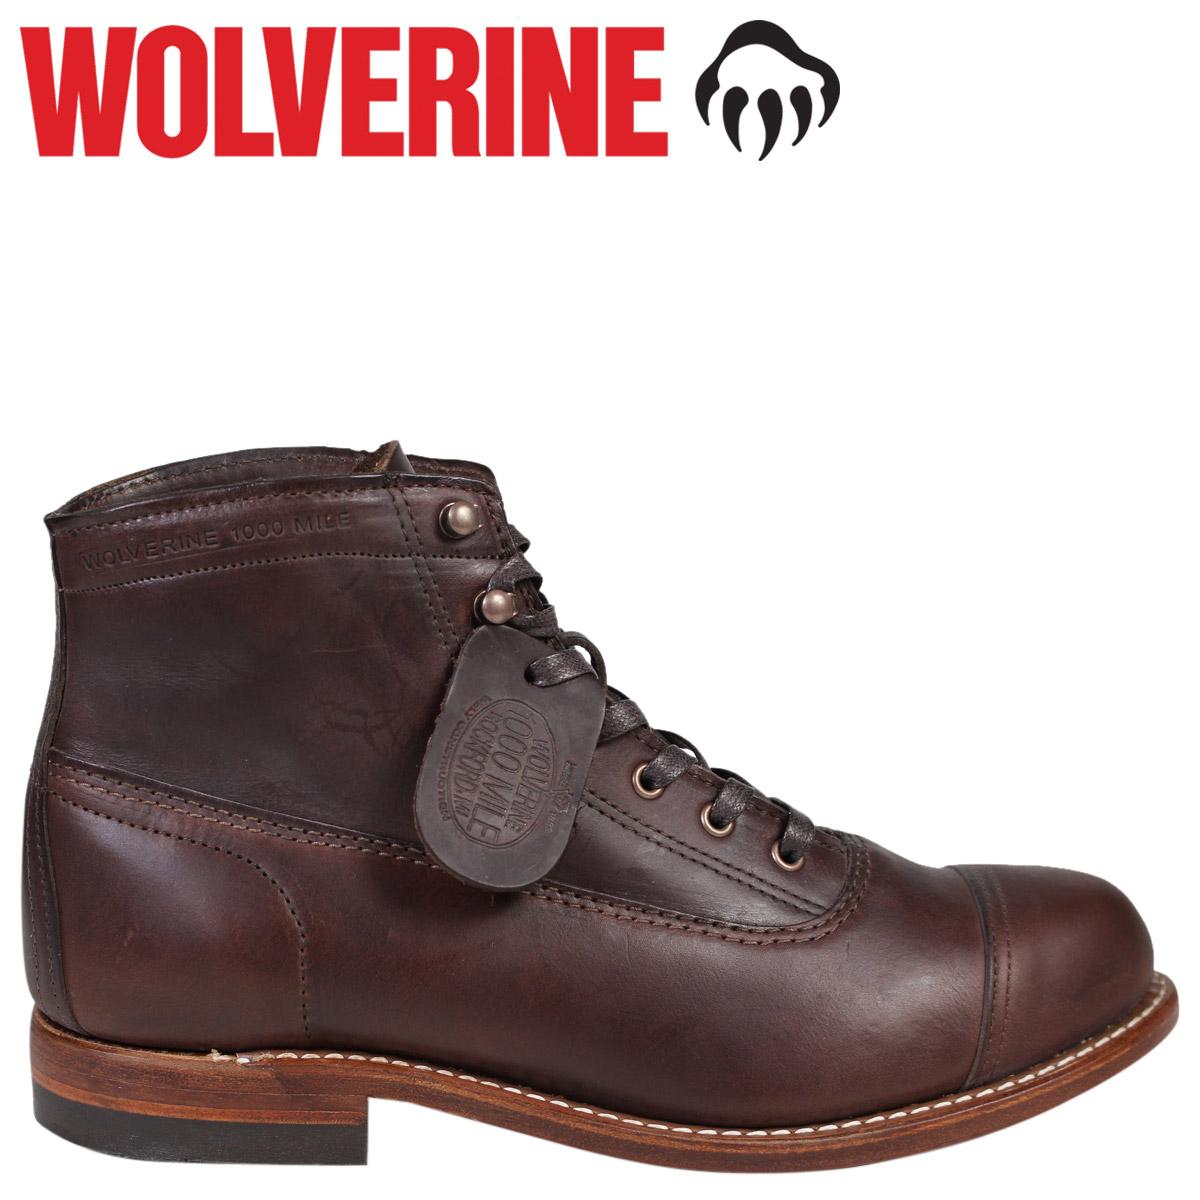 WOLVERINE ウルヴァリン 1000マイル ブーツ ROCKFORD 1000 MILE CAP-TOE BOOT Dワイズ W05293 ブラウン ワークブーツ メンズ